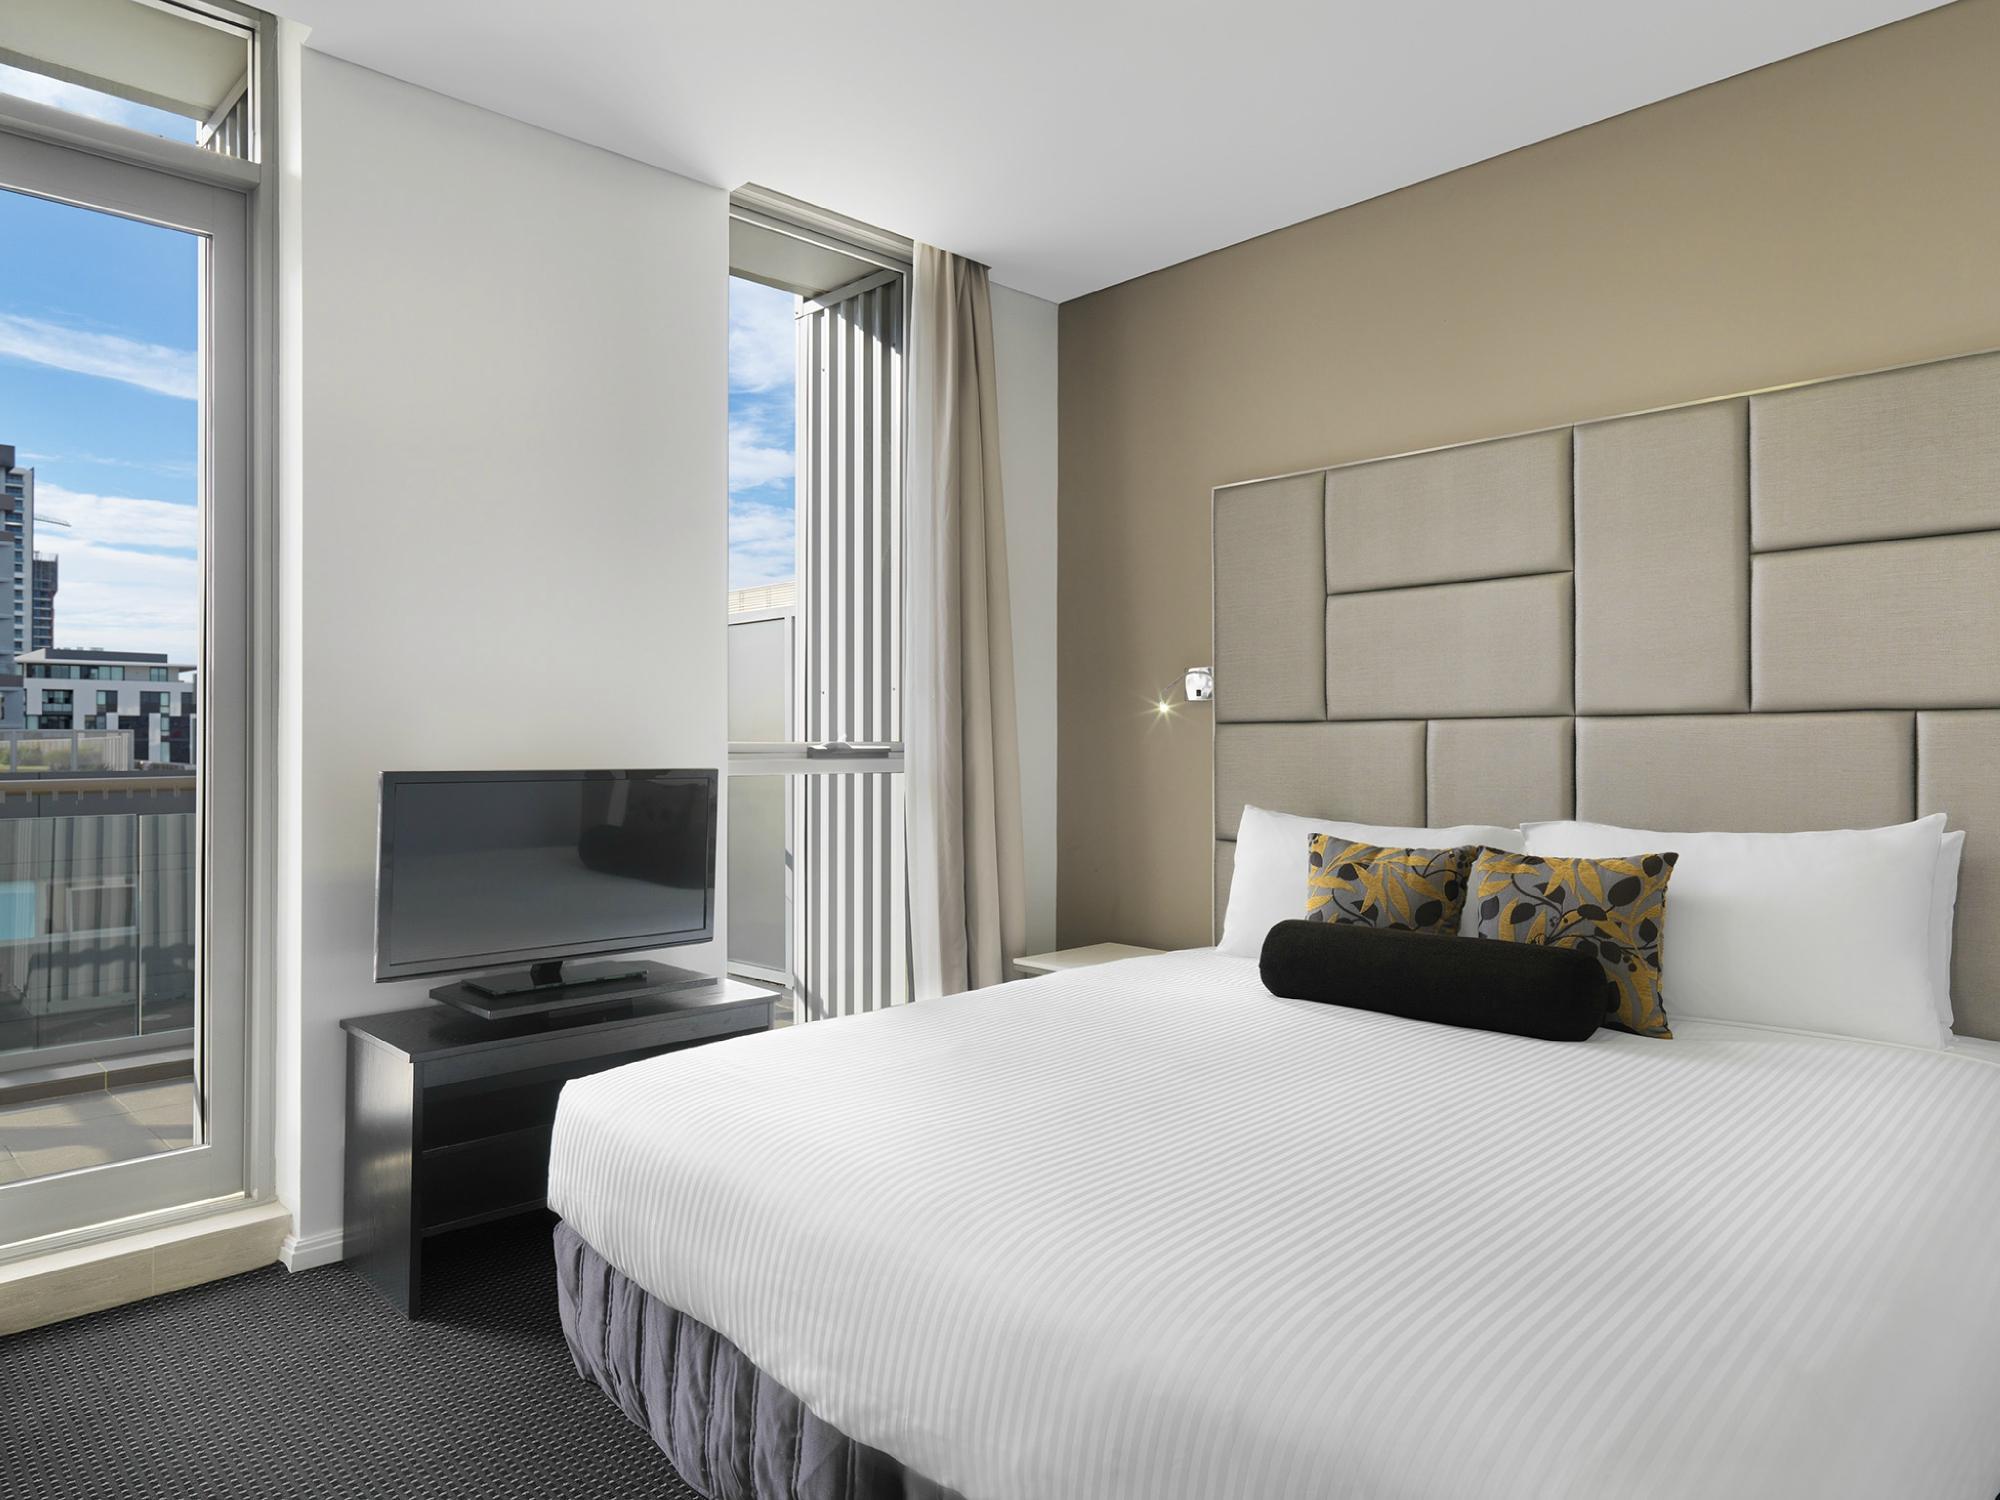 Meriton Serviced Apartments Zetland, Sydney